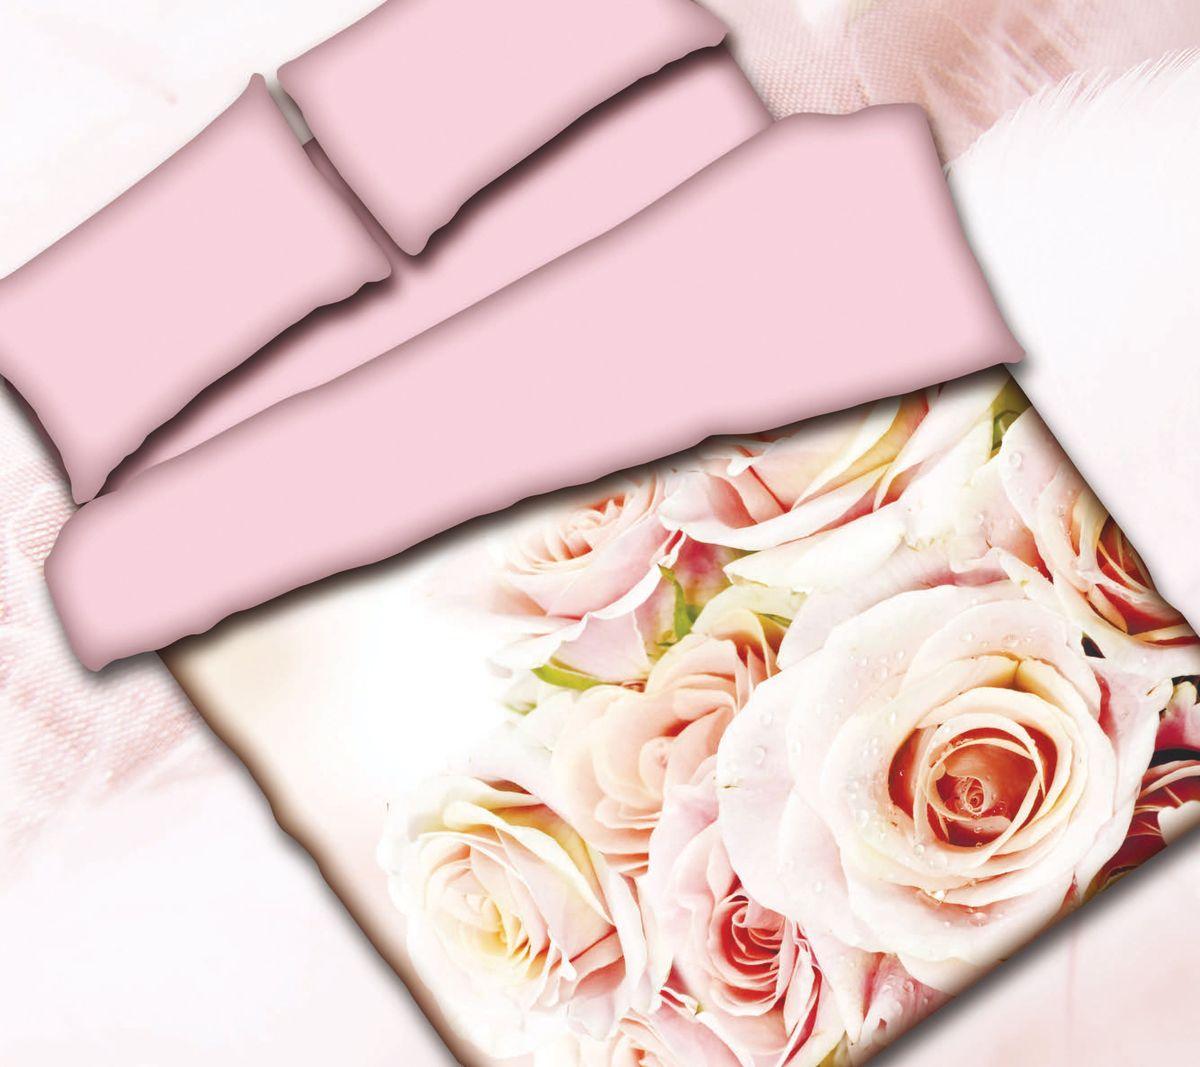 Комплект белья Коллекция Розы, 2,5-спальный, наволочки 50x70. СРП2,5/50/ОЗ/розыСРП2,5/50/ОЗ/розыКомплект постельного белья Коллекция прекрасно украсит любой интерьер. Выполнен из сатина. Сатин - это гладкая и прочная ткань, которая своим блеском, легкостью и гладкостью очень похожа на шелк. Ткань практически не мнется, поэтому его можно не гладить. Он практичен, так как хорошо переносит множественные стирки. Комплект включает в себя: простыню 240 х 224 см, пододеяльник 200 х 220 см,2 наволочки 50 х 70 см.